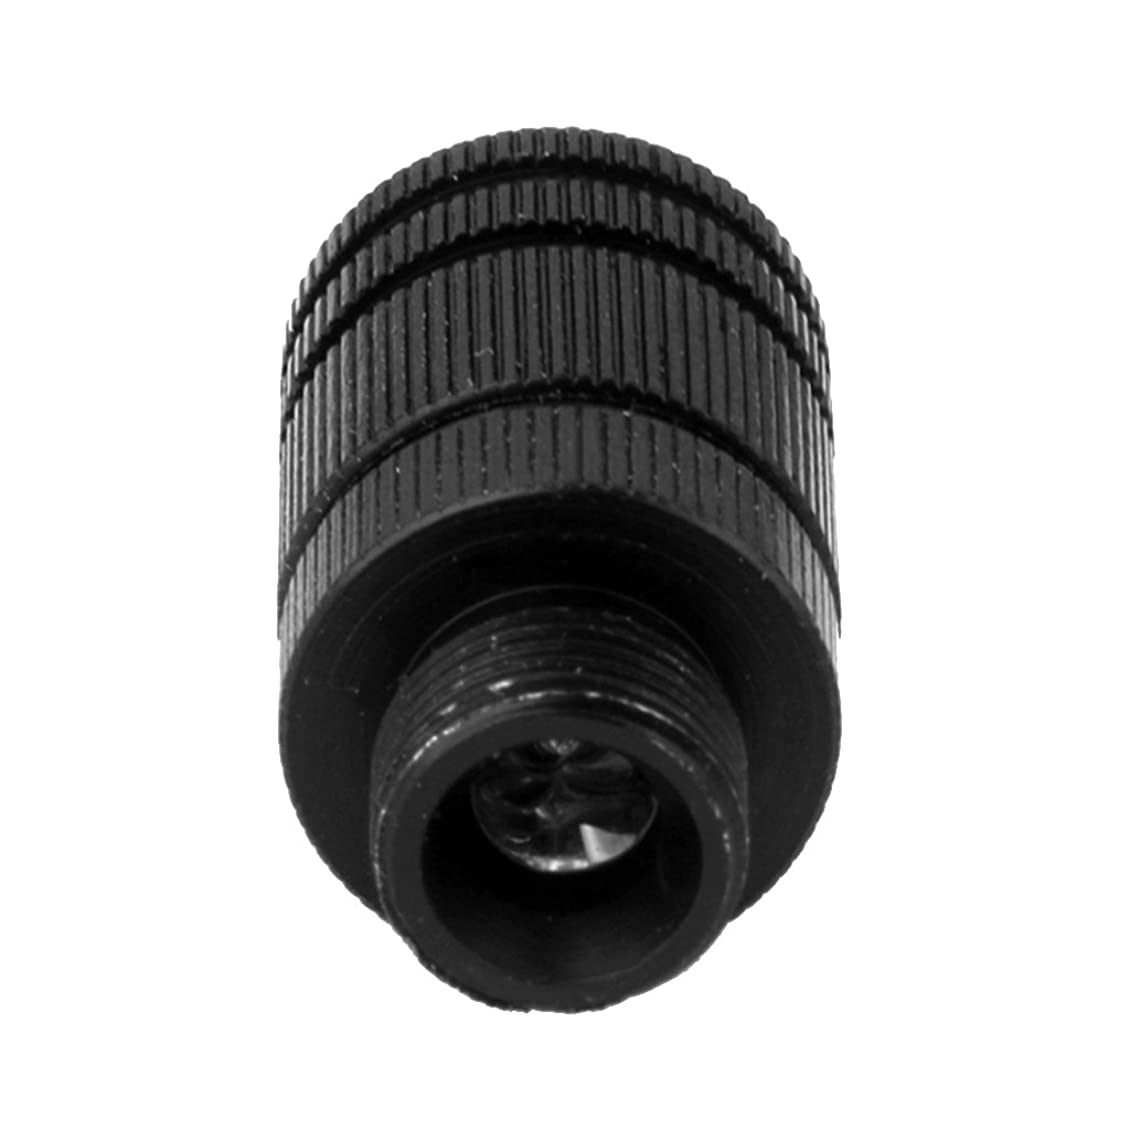 送信するルーチンプロトタイプKOZEEY光ファイバー 視力 ライト 3/8-32 スレッド ユニバーサル フィット 化合物 アーチェリー